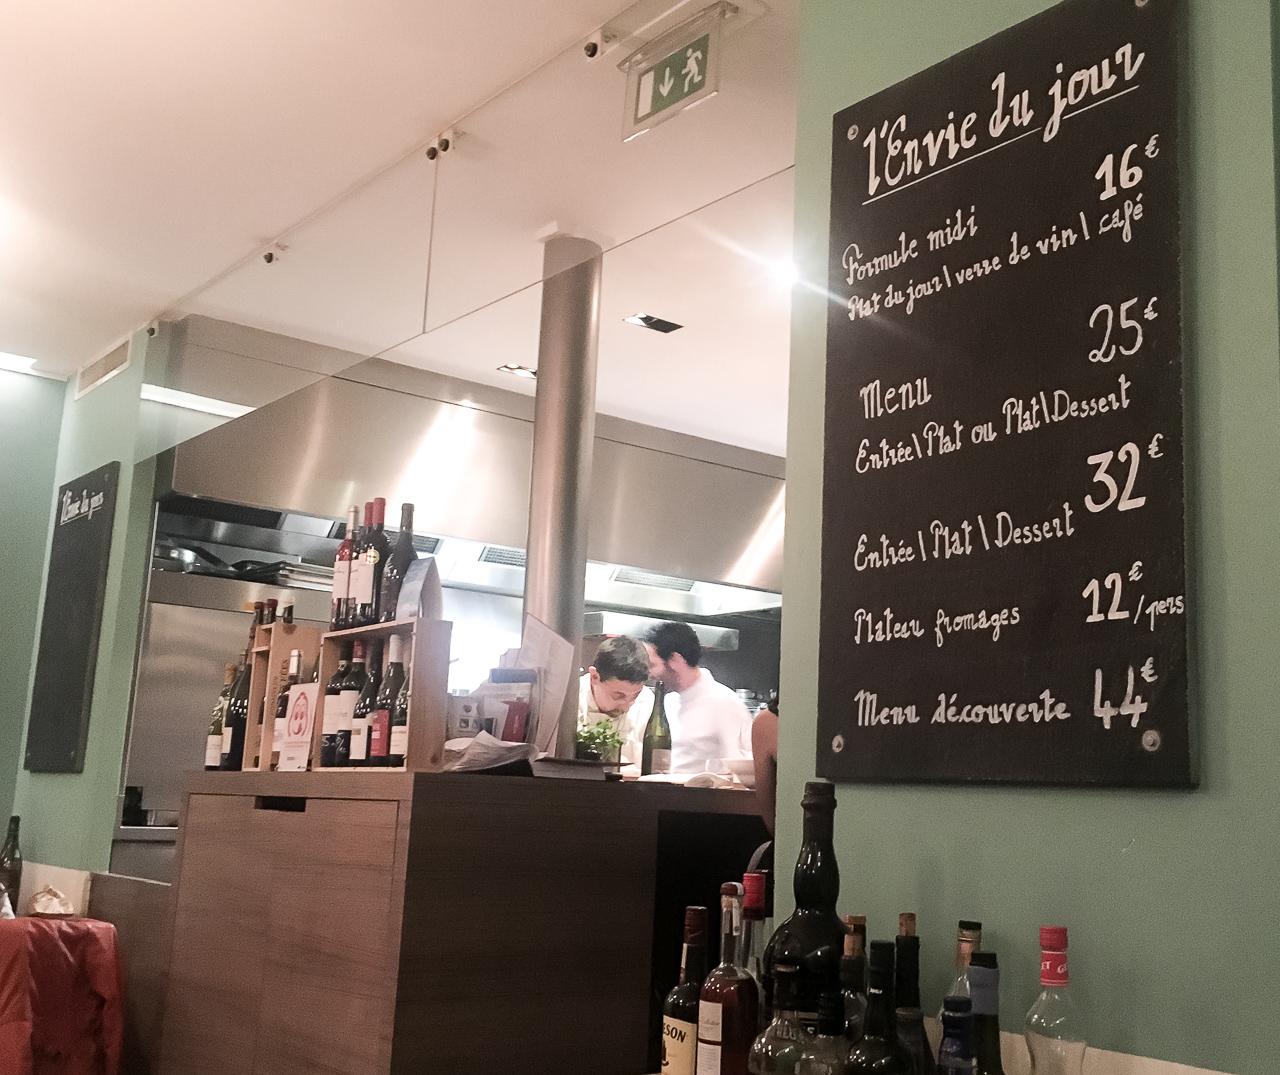 Ravintolasuositus Pariisi l'envie du jour ravintola